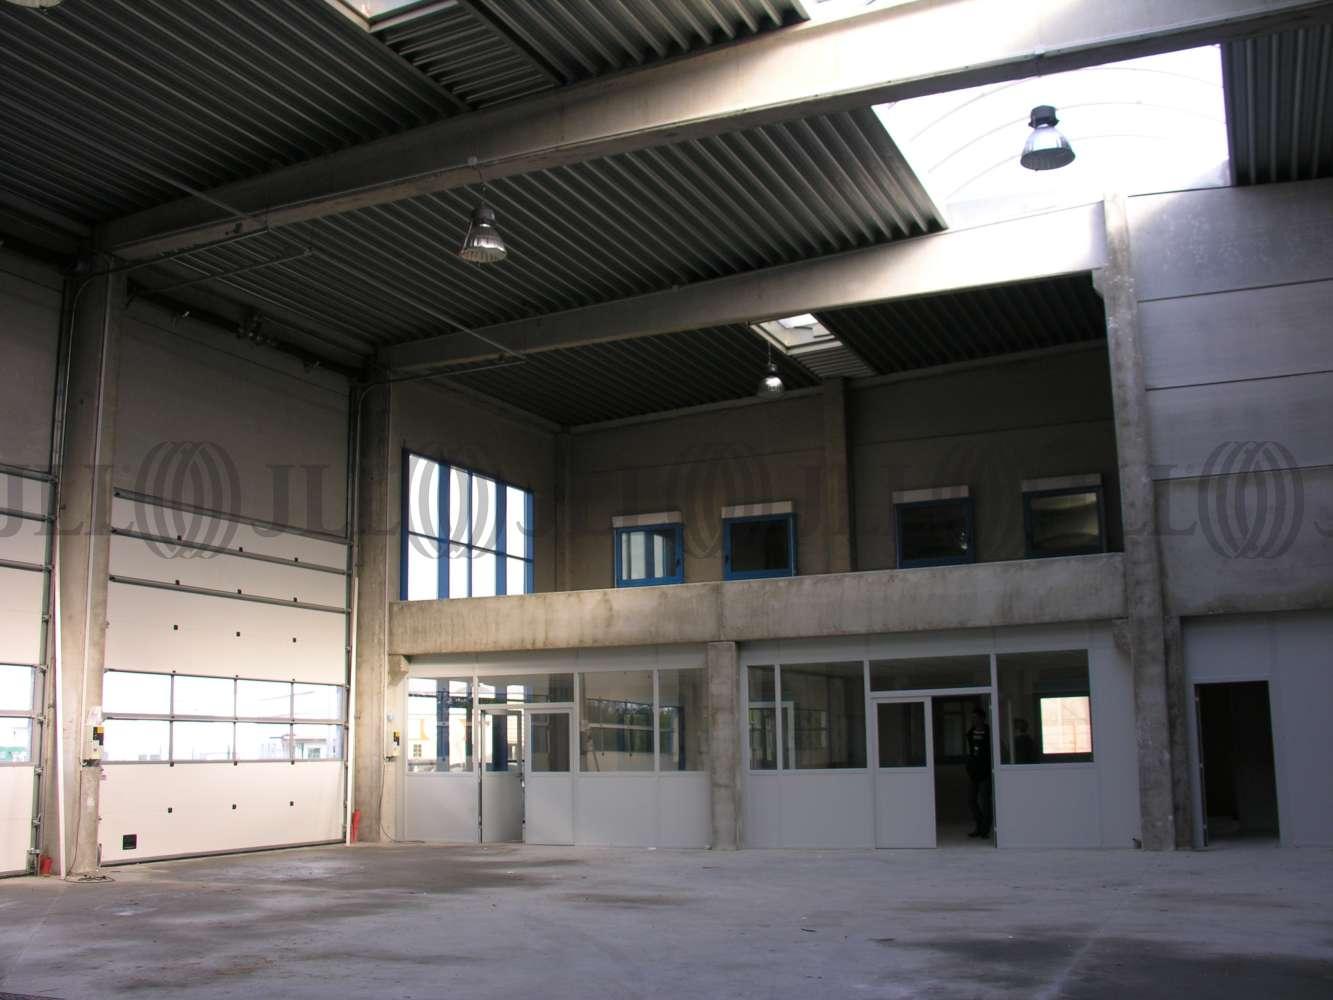 Activités/entrepôt Reims, 51100 - 13 RUE DU CHANOINE HESS - 488705